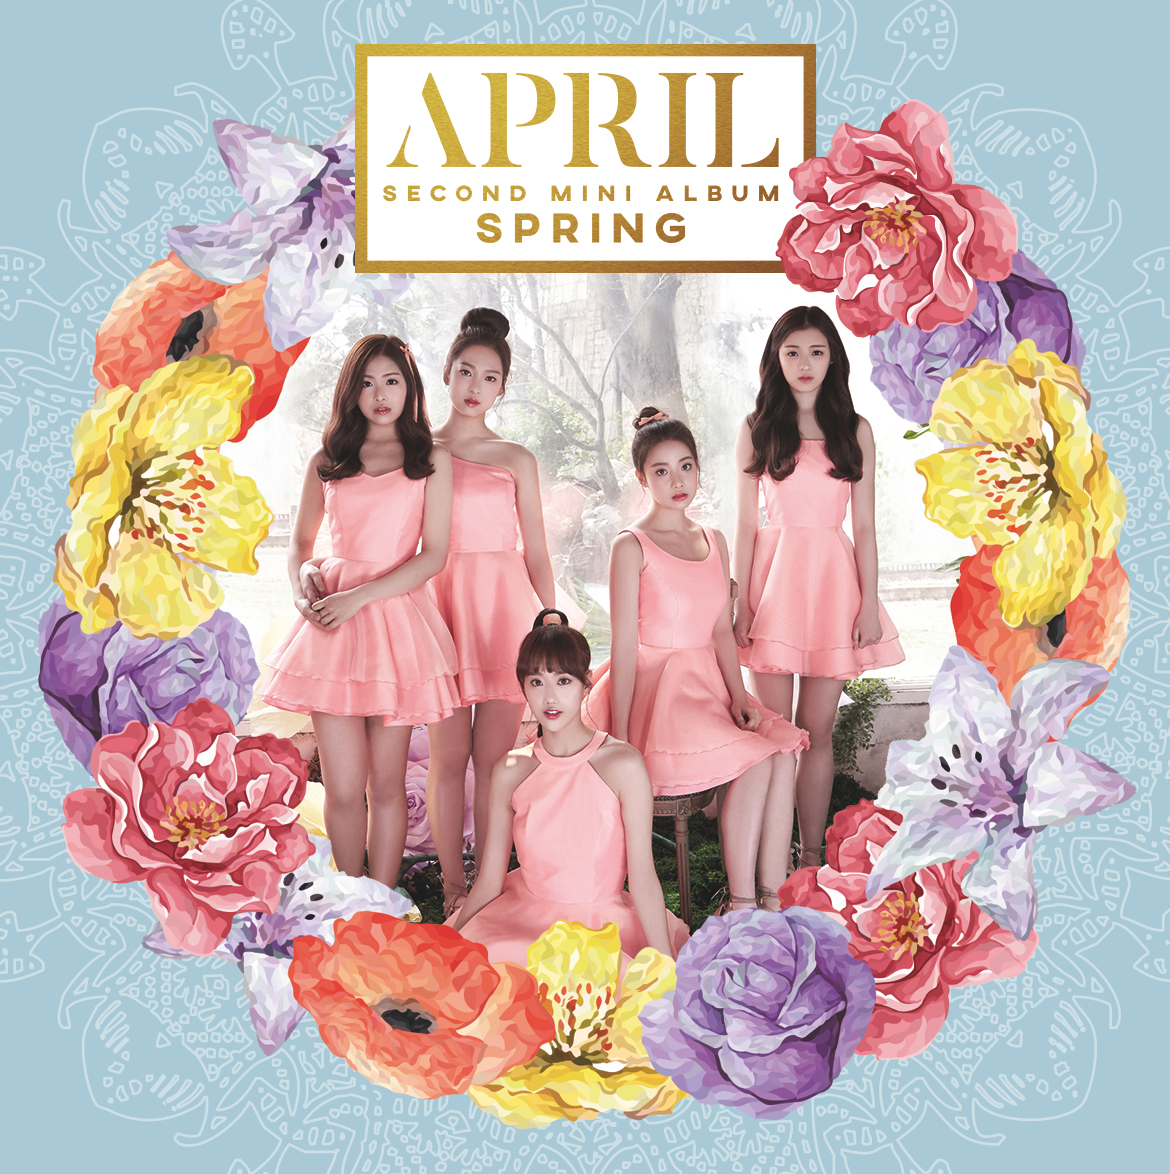 セカンドミニアルバム「Spring」アルバムジャケット公開!